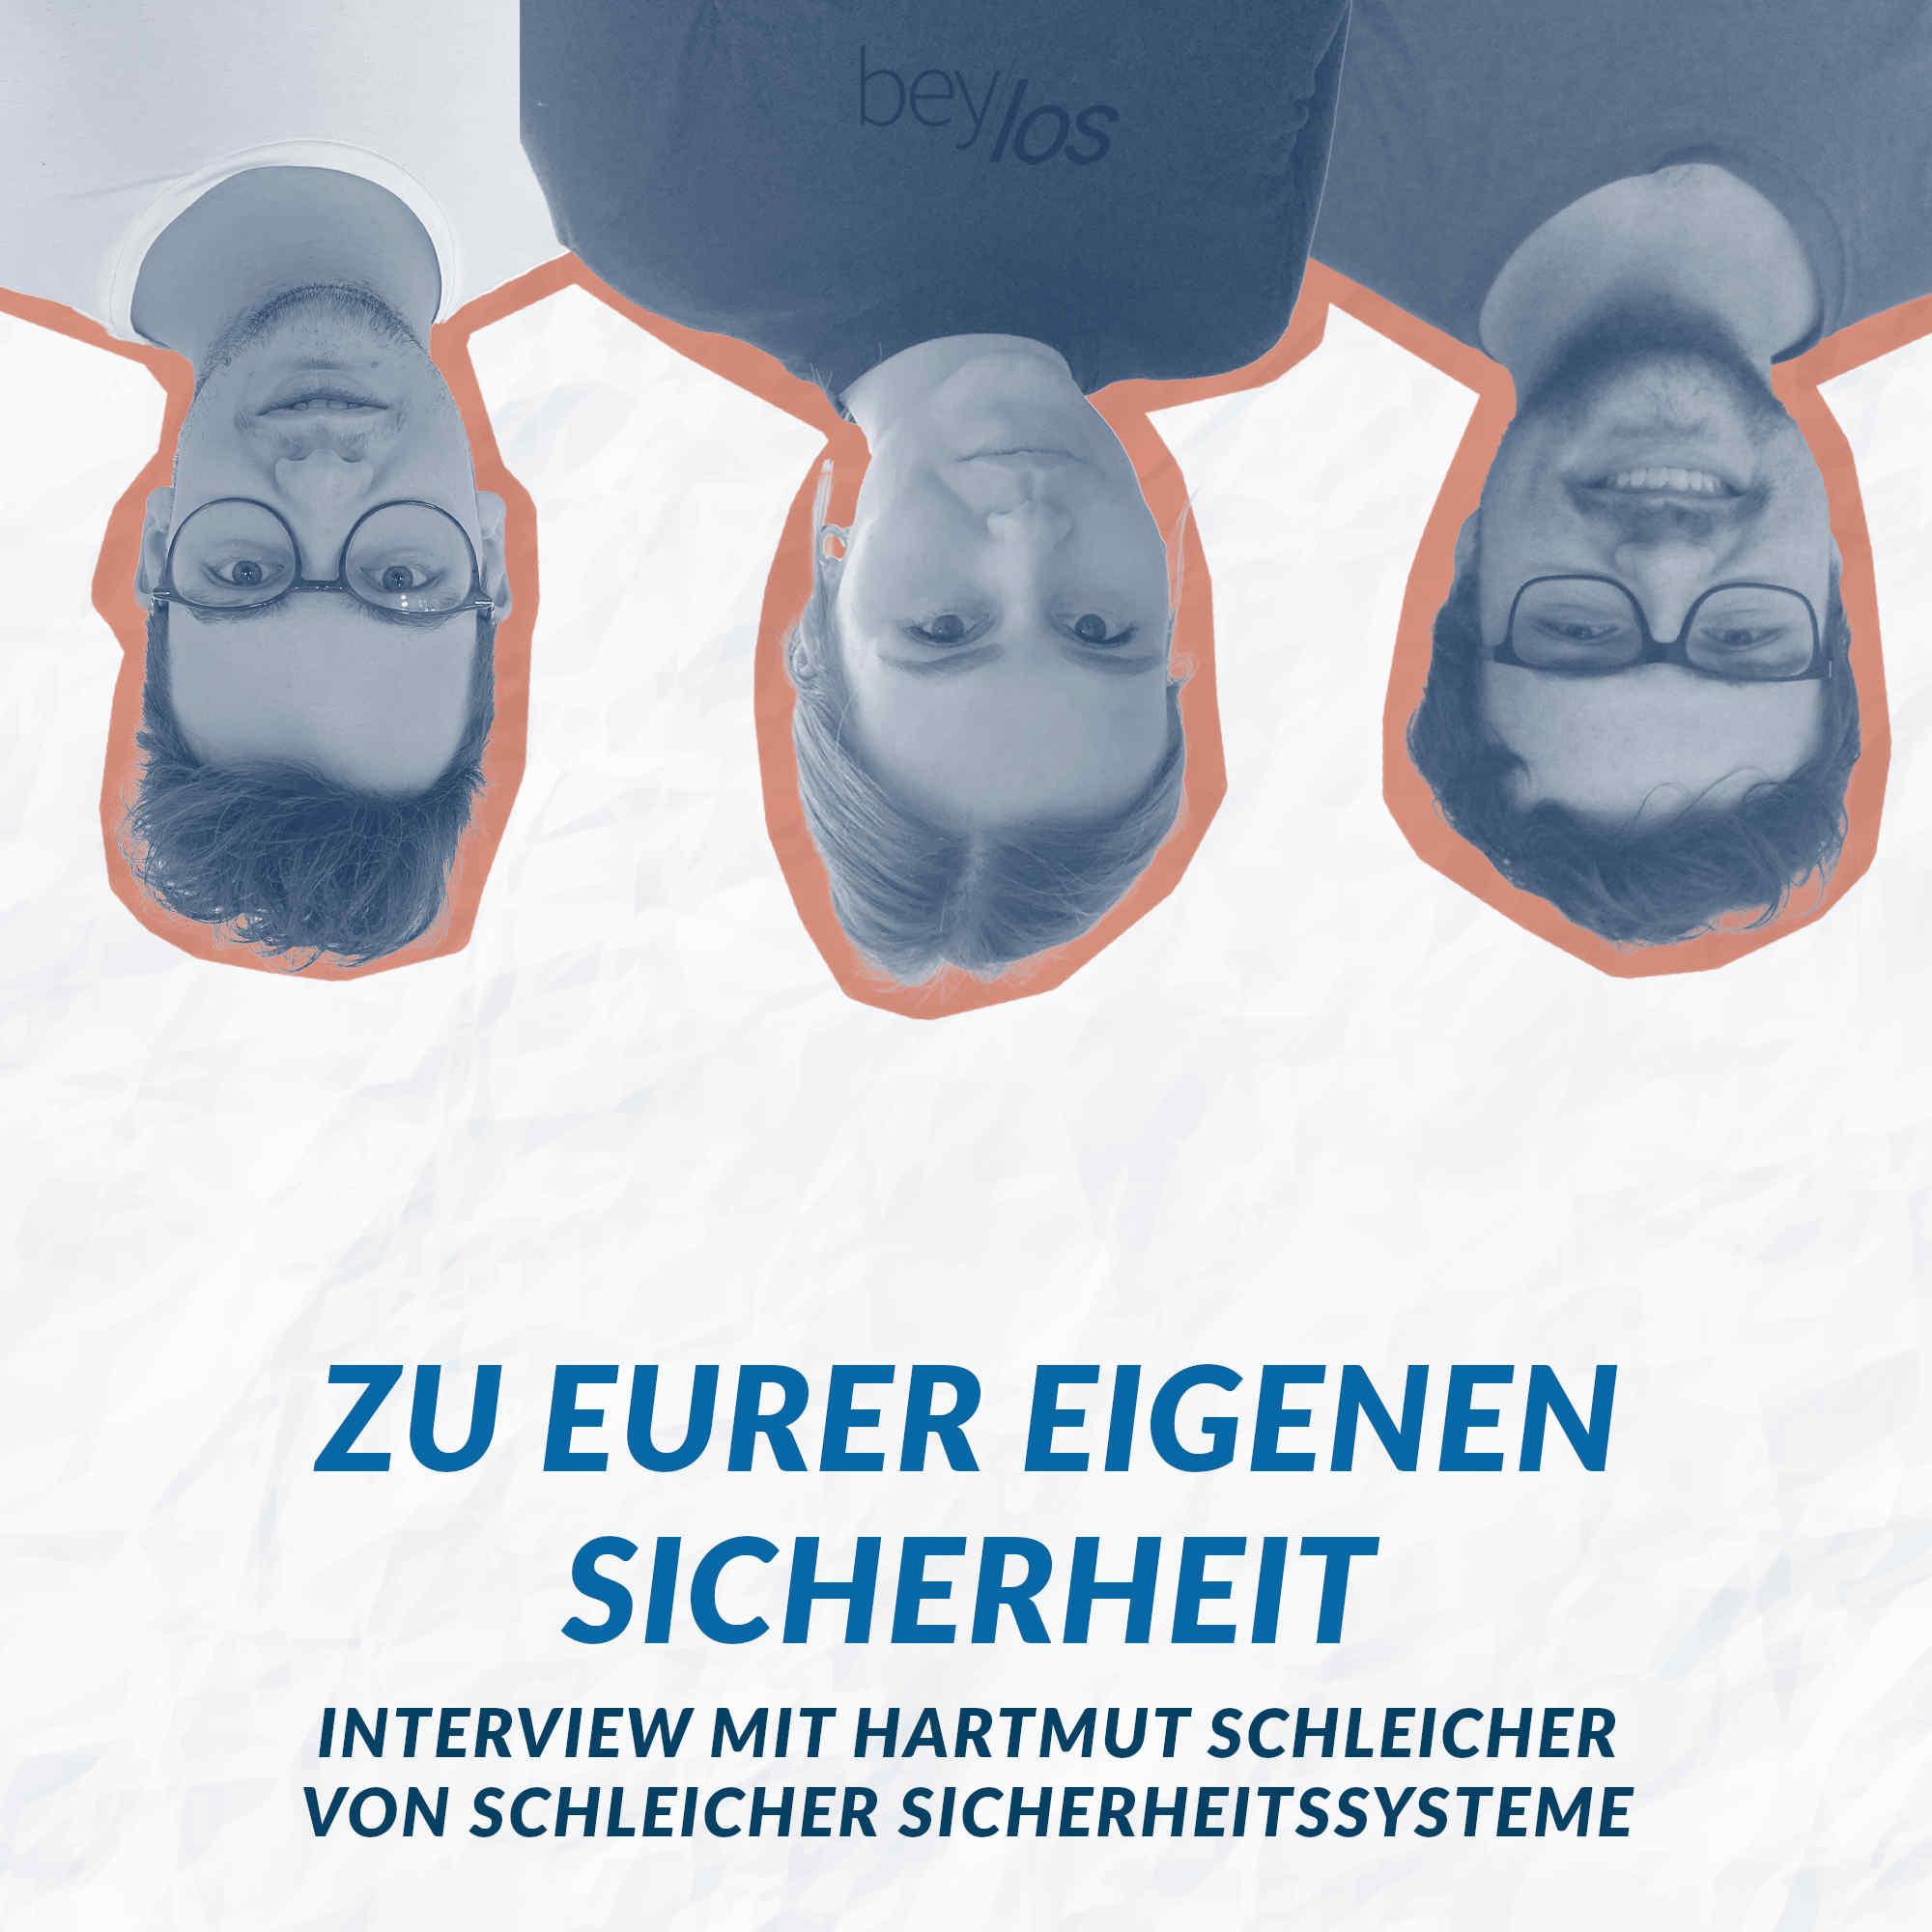 Interview mit Hartmut Schleicher von Schleicher Sicherheitssysteme